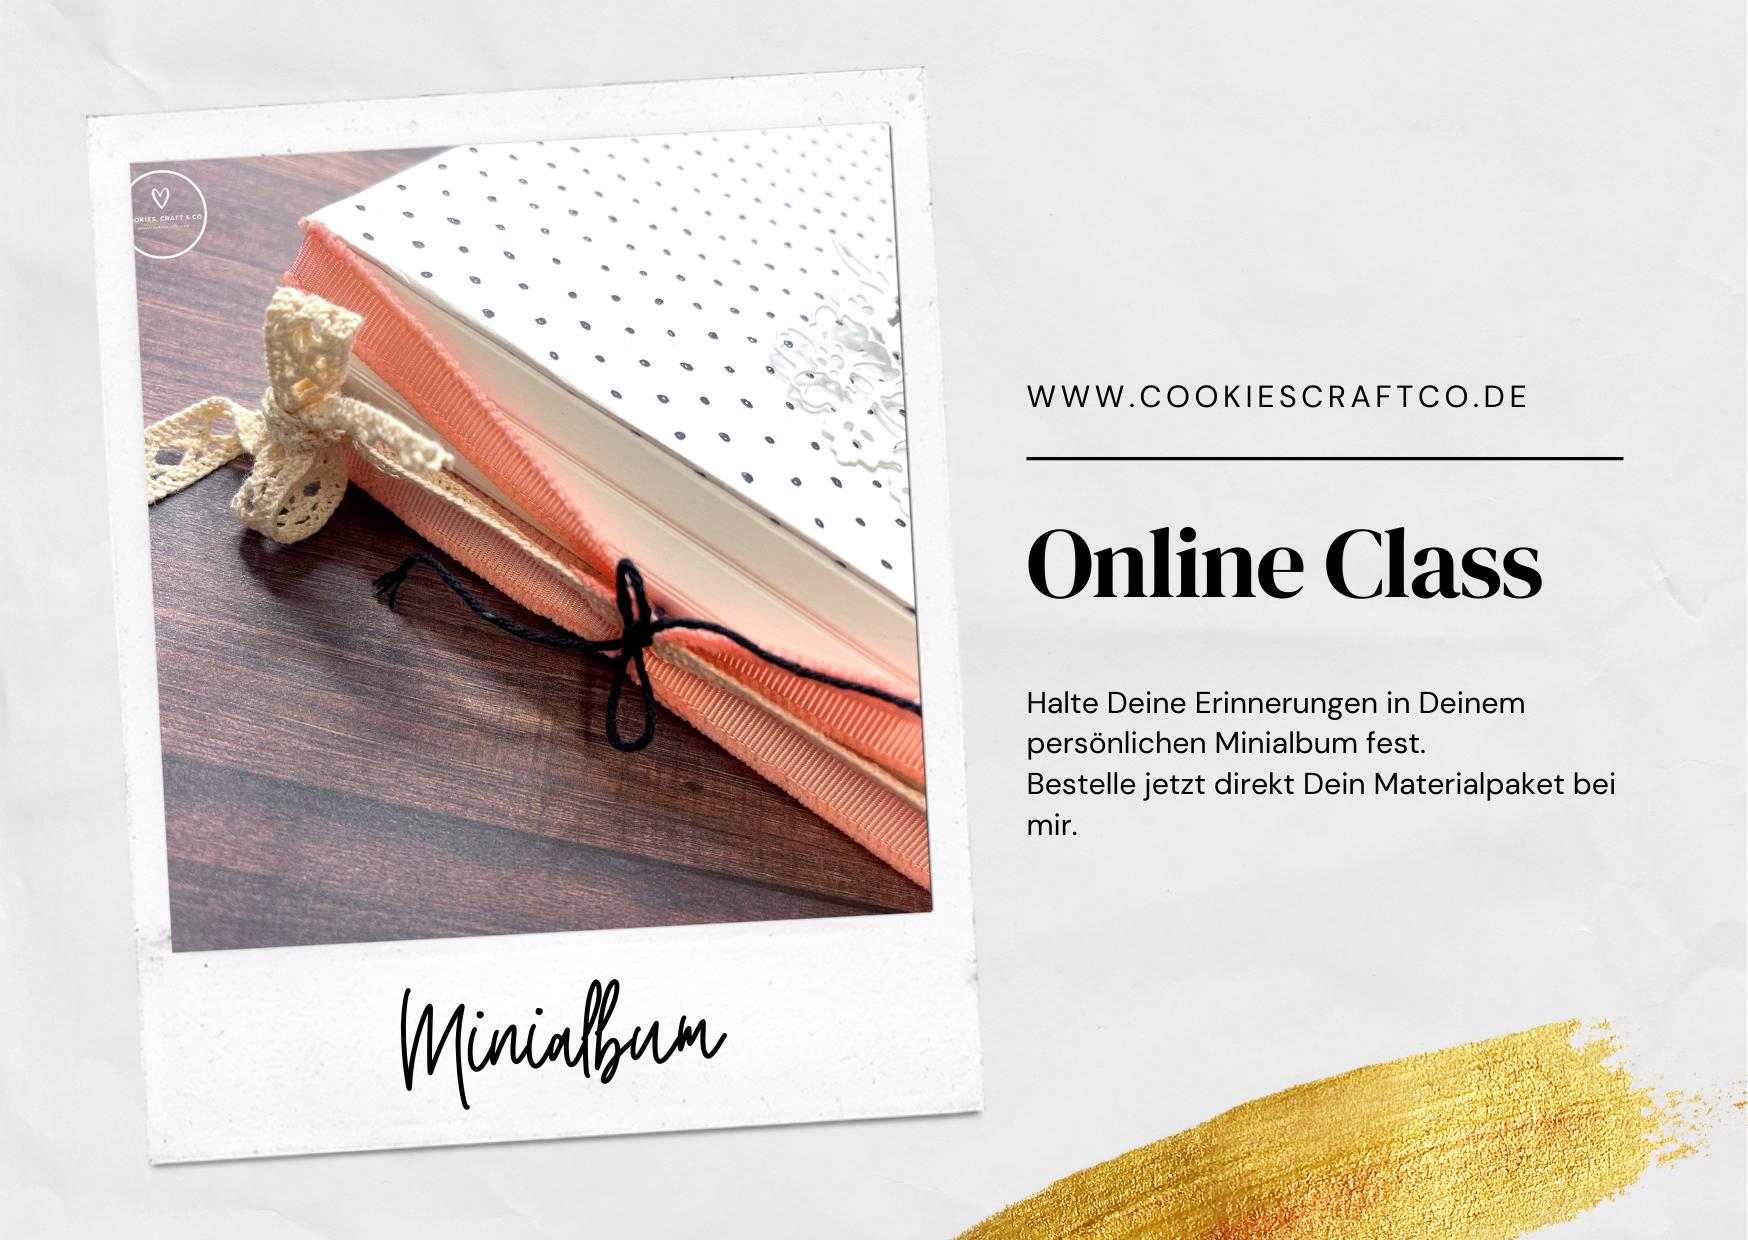 Minialbum - Es gibt wieder eine Online Class